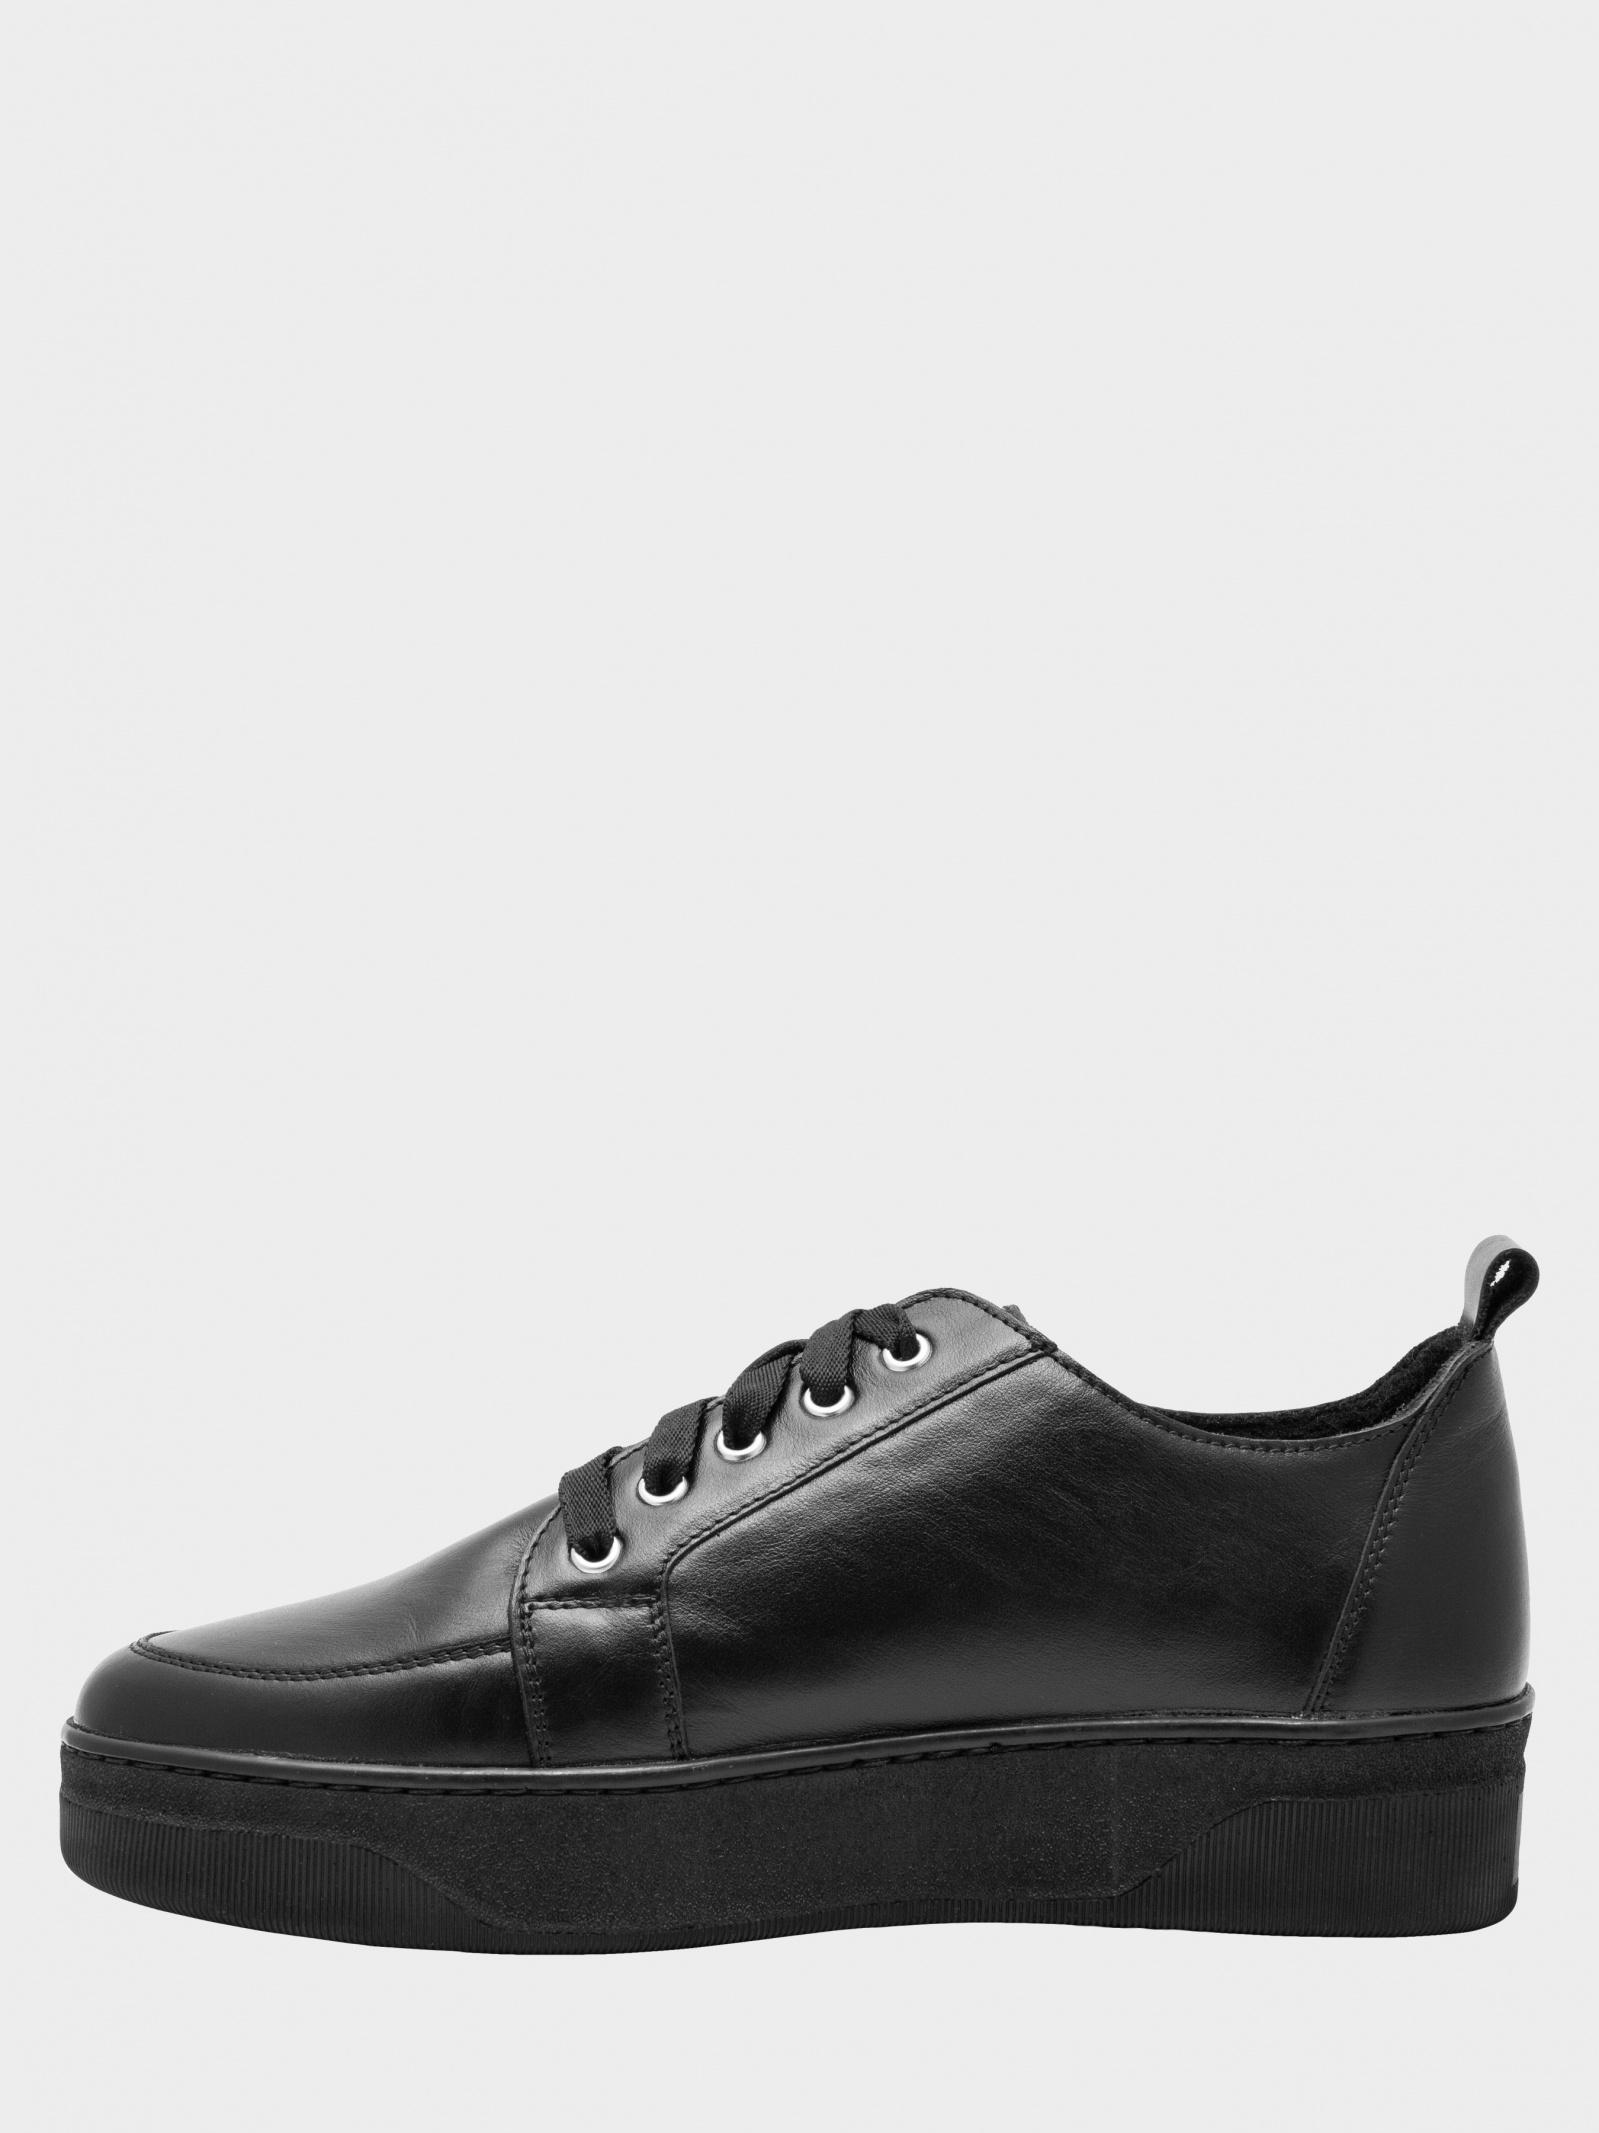 Туфли для женщин Туфли женские ENZO VERRATTI 18-3265-8 модная обувь, 2017